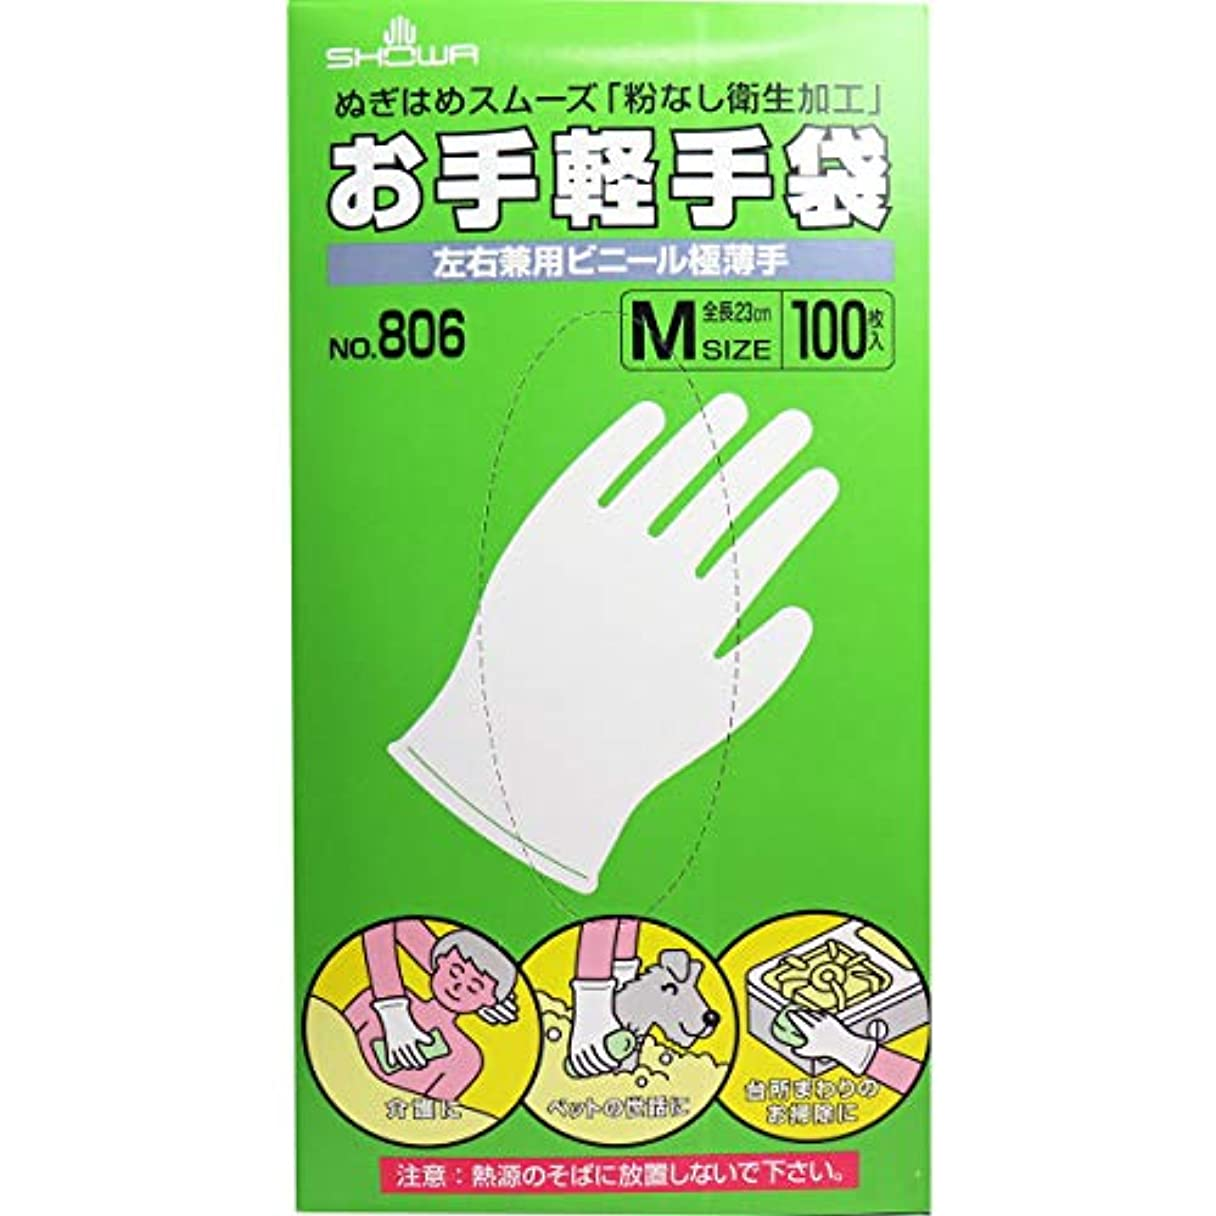 レタス四分円元気お手軽手袋 No.806 左右兼用ビニール極薄手 粉なし Mサイズ 100枚入×5個セット